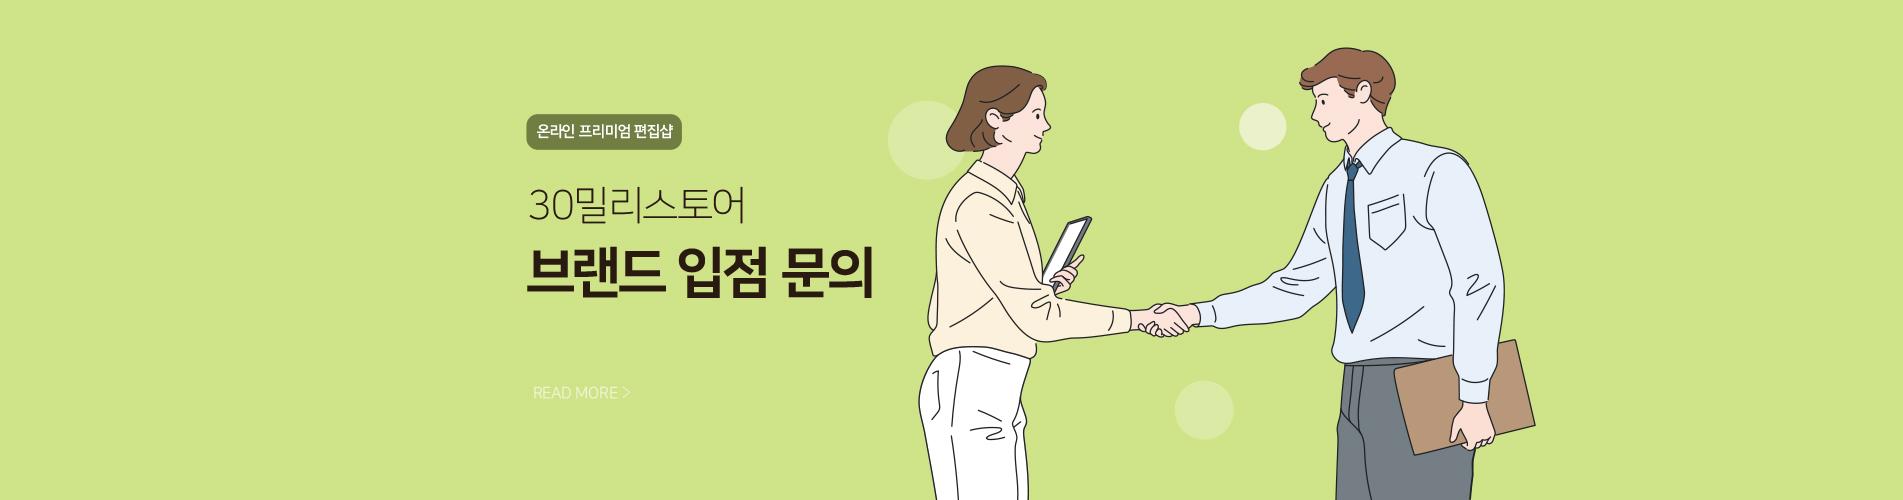 메인배너5-30밀리스토어 브랜드 입점문의